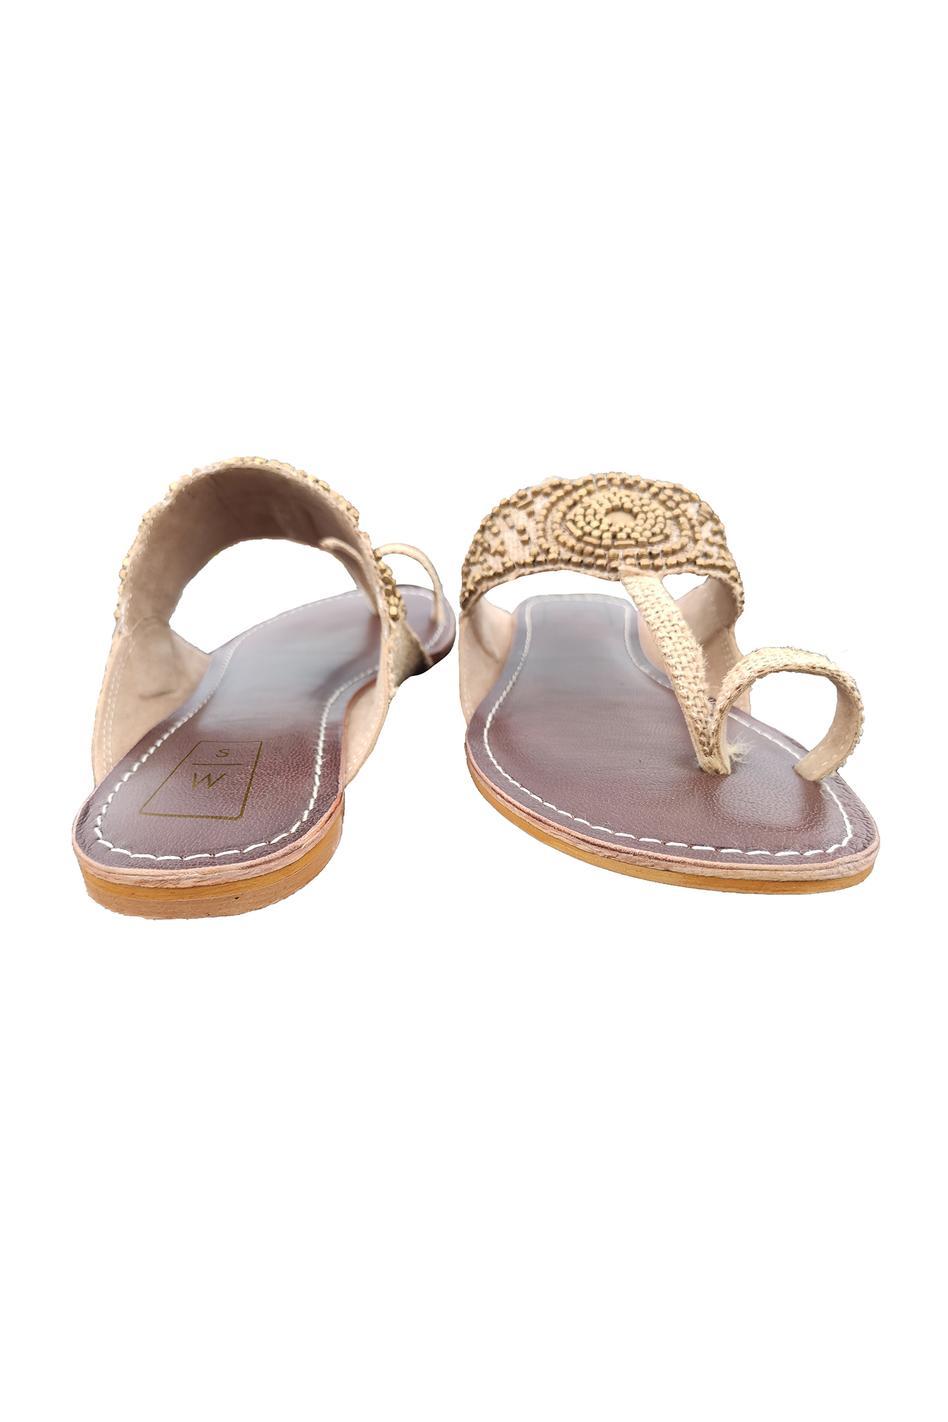 Jute Bead Embroidered Kolhapuri Sandals